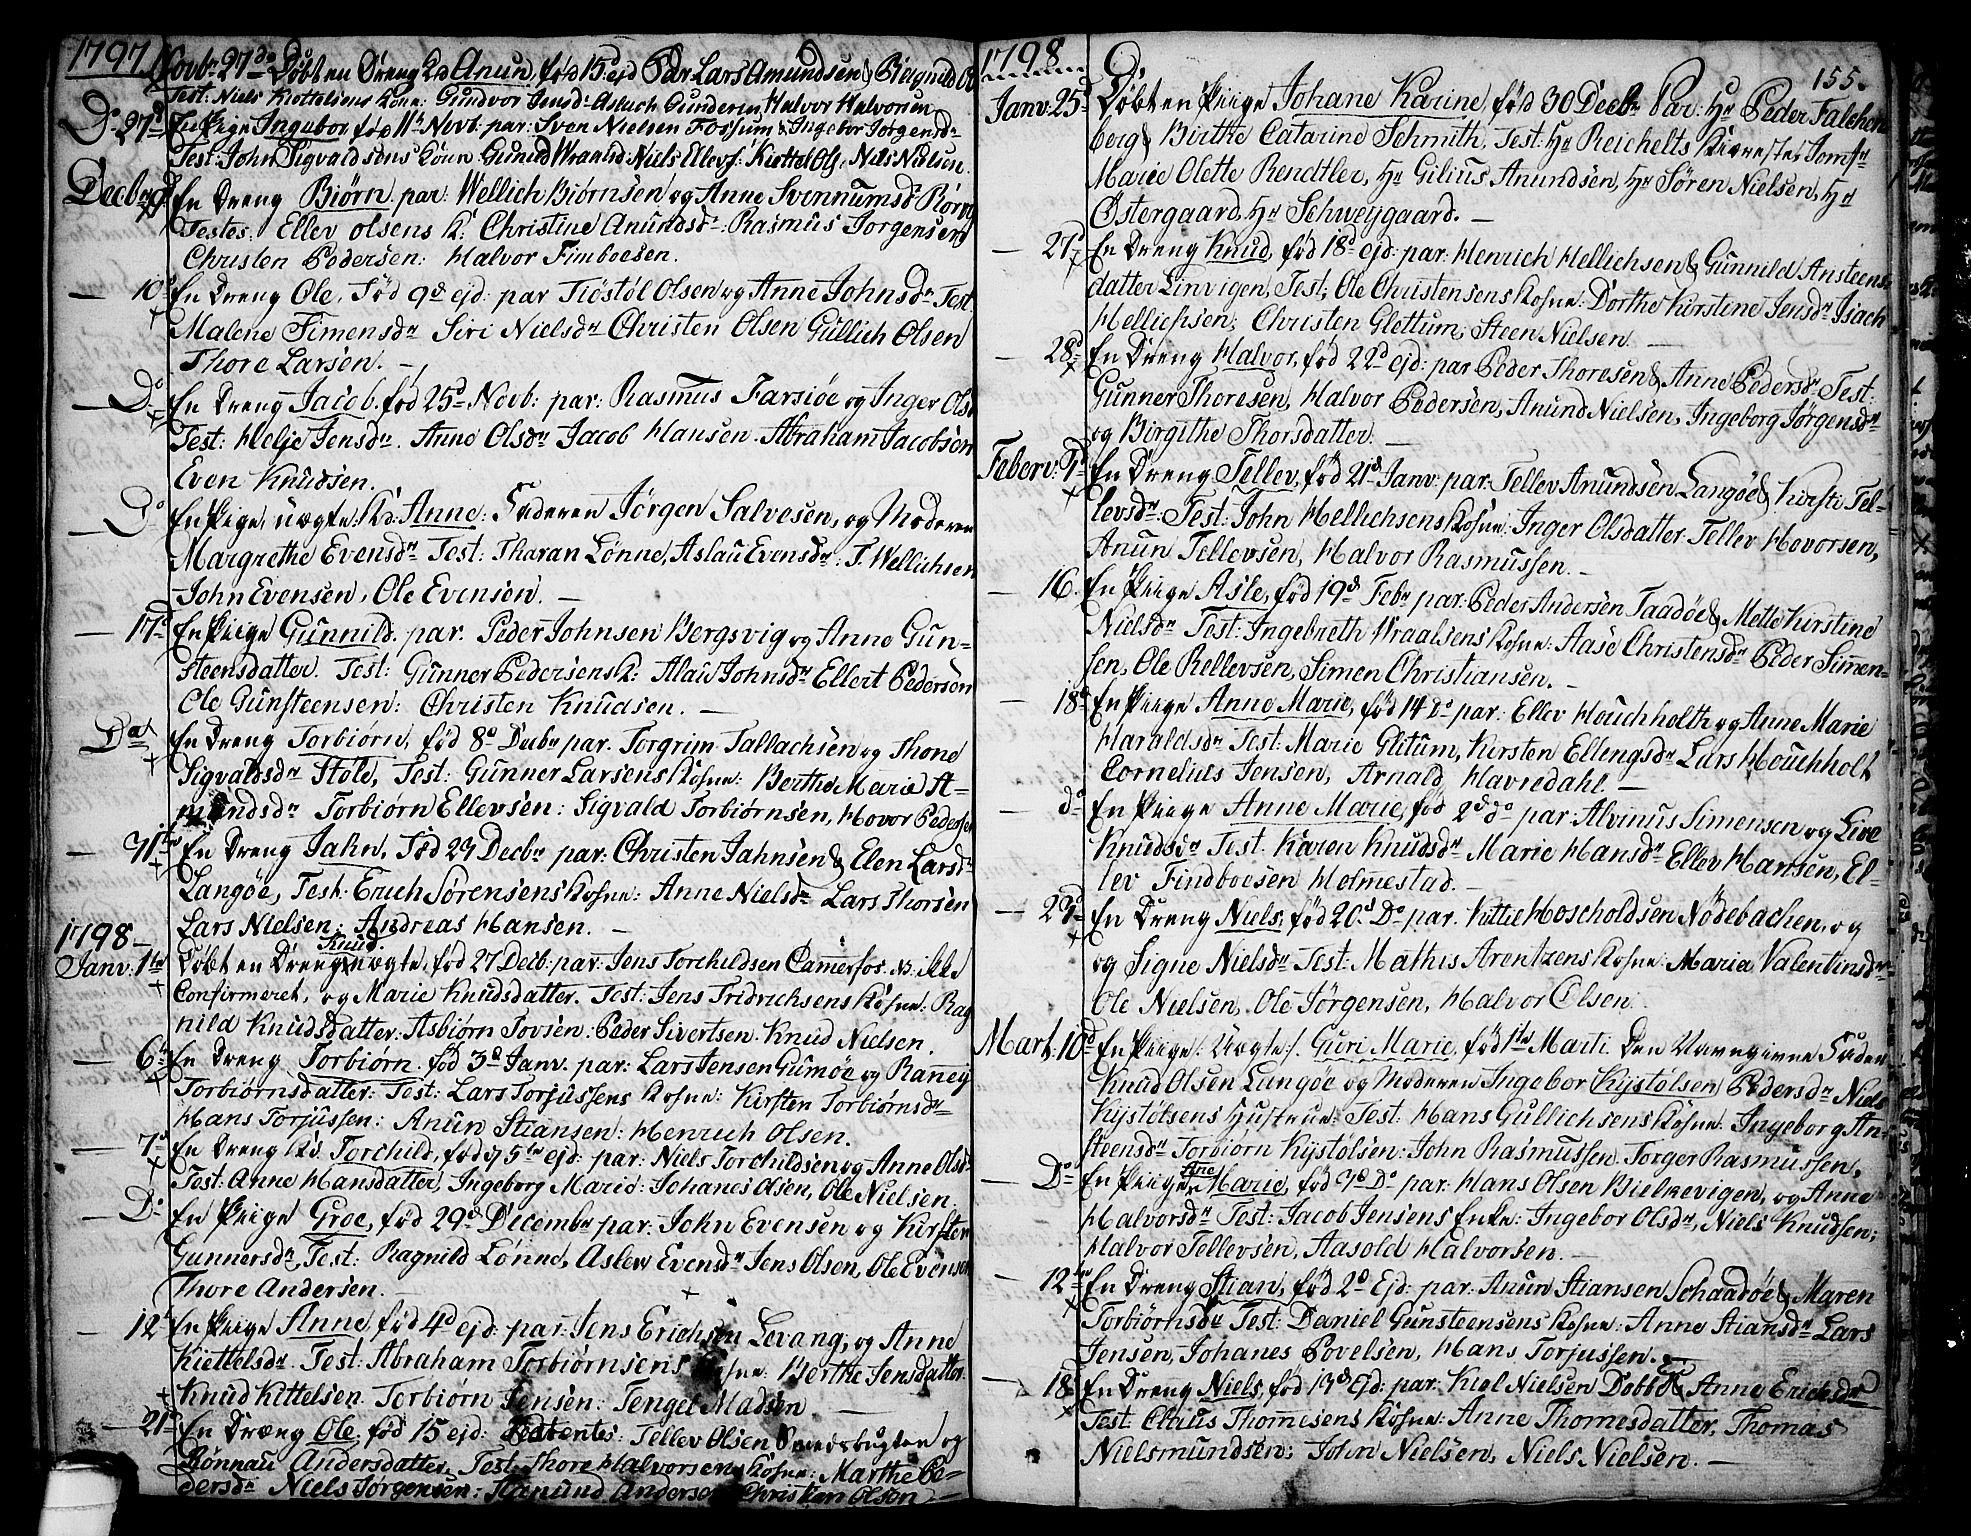 SAKO, Sannidal kirkebøker, F/Fa/L0002: Ministerialbok nr. 2, 1767-1802, s. 155